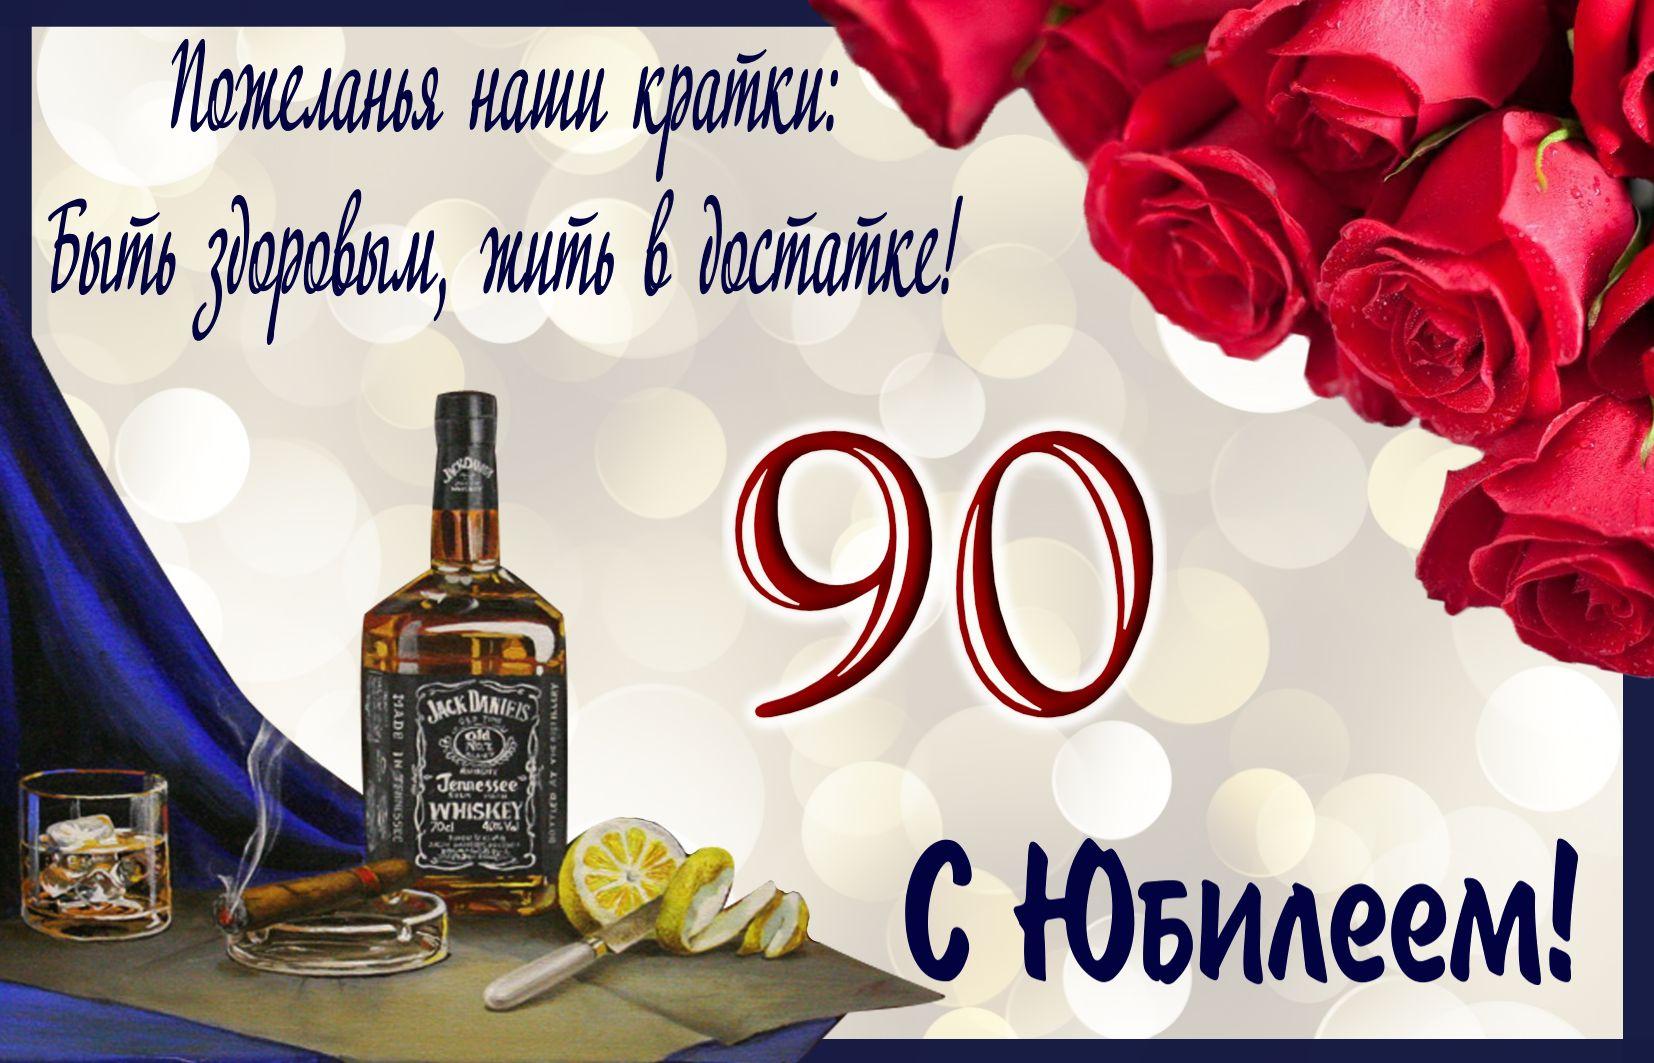 Пожелание на красивом фоне на 90 День рождения